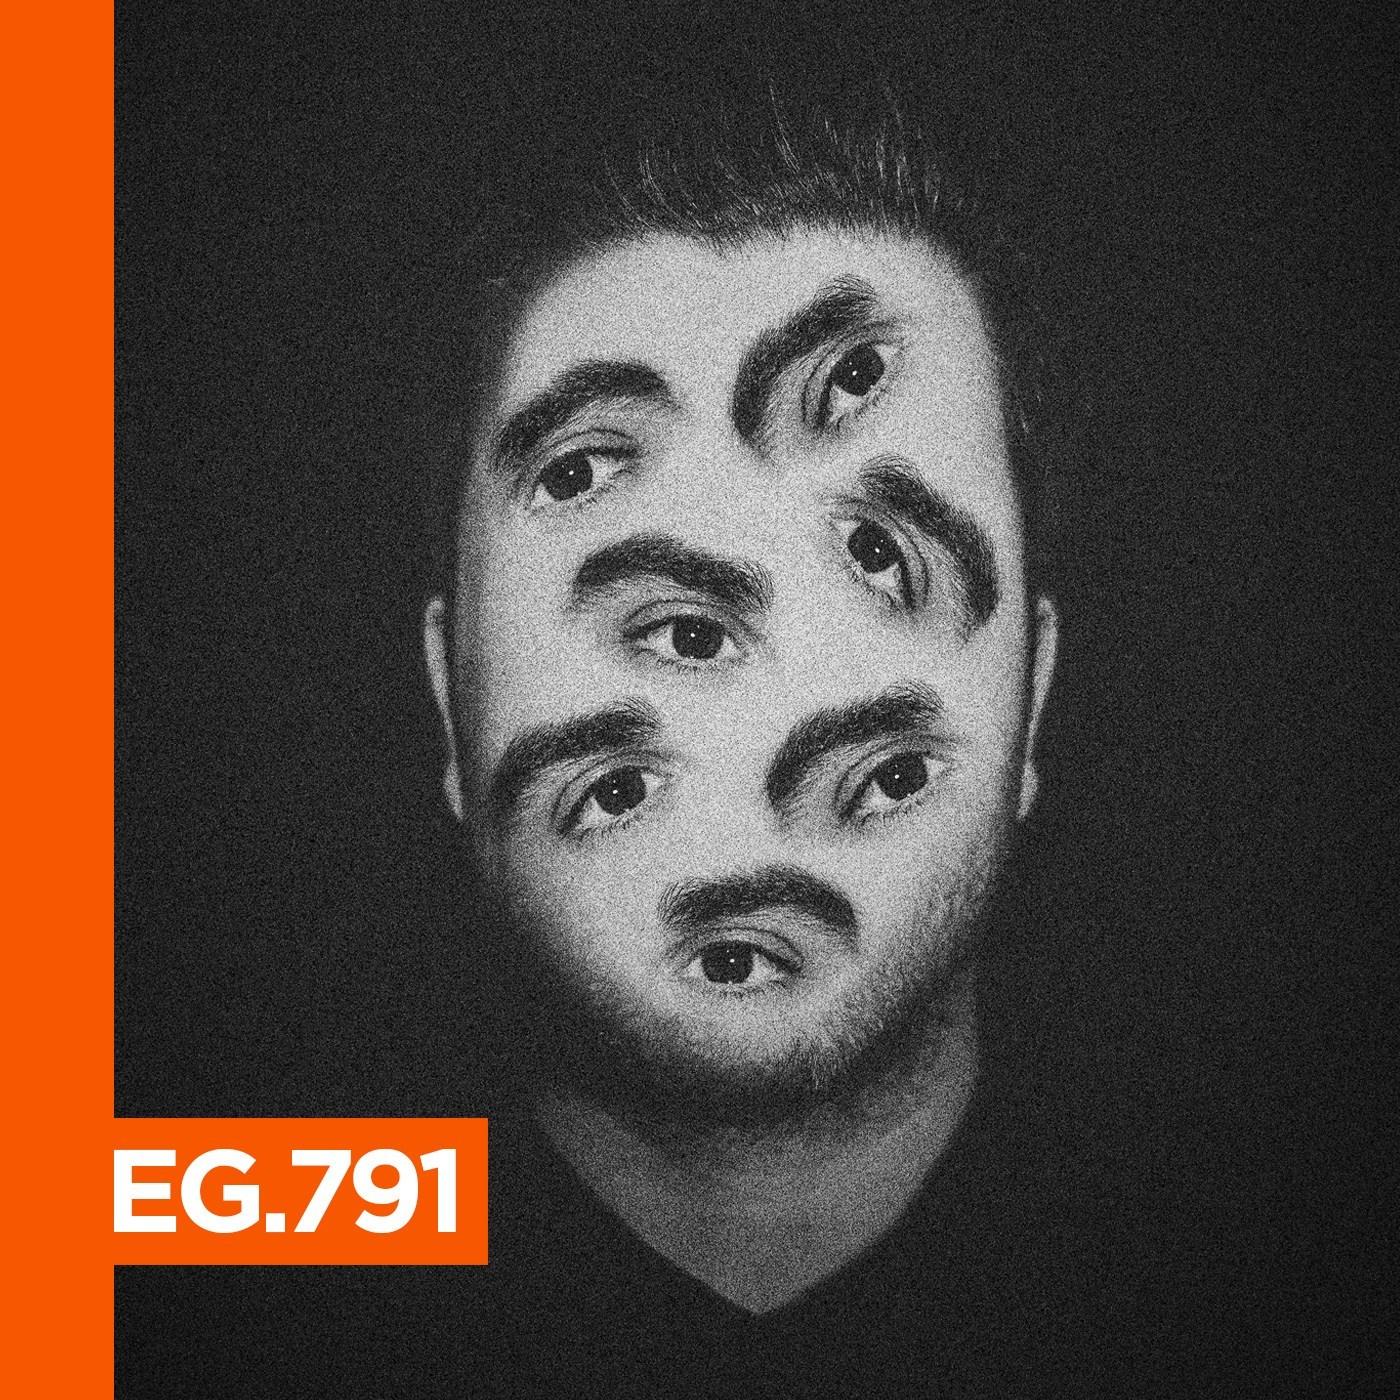 EG-791-Andre-Hommen-1